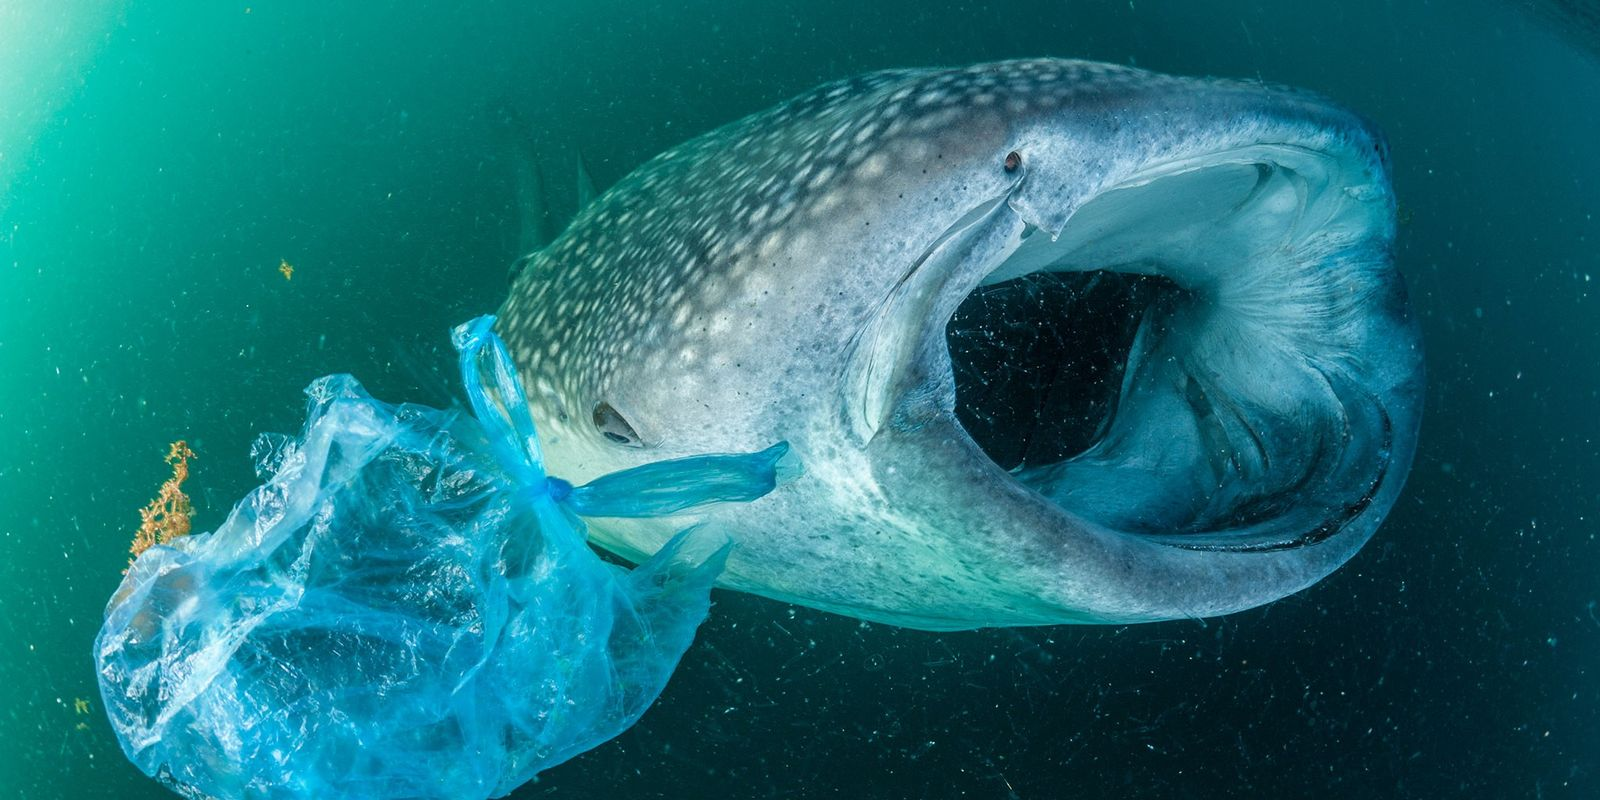 Fotos von Tieren in einem Meer voller Plastik